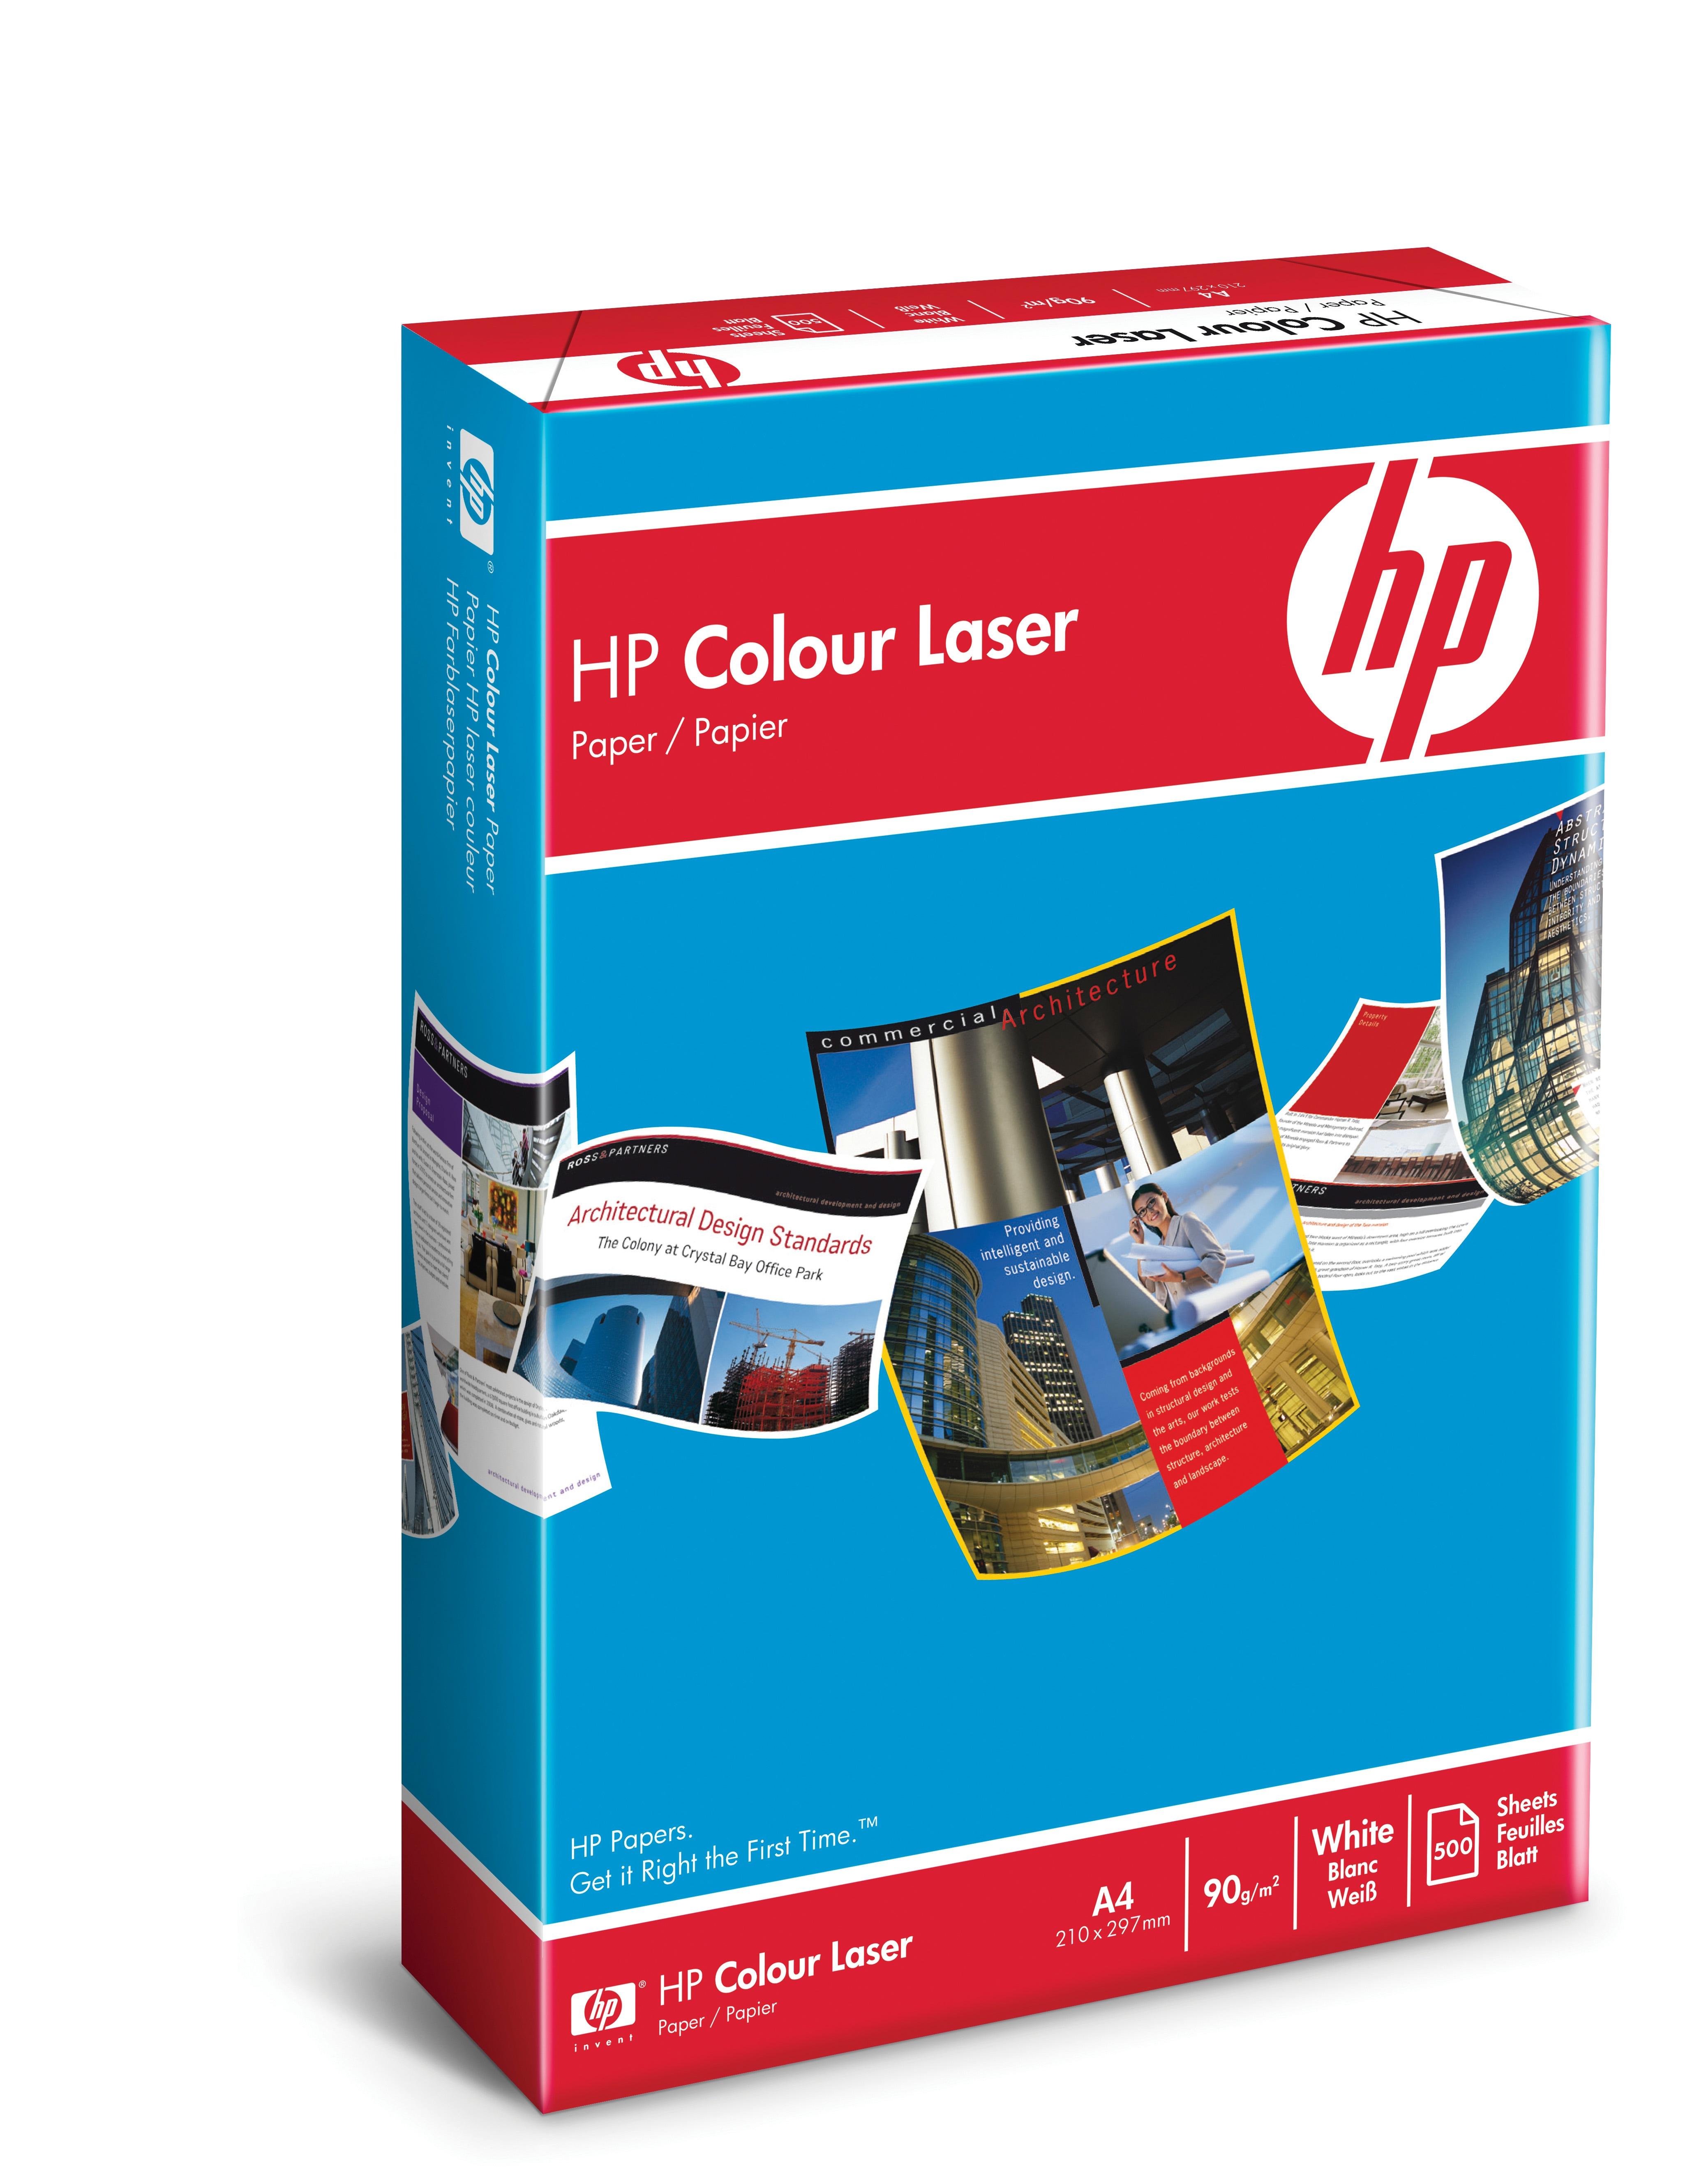 HP Color Laser Paper - A4 (210 x 297 mm) - 90 g/m²